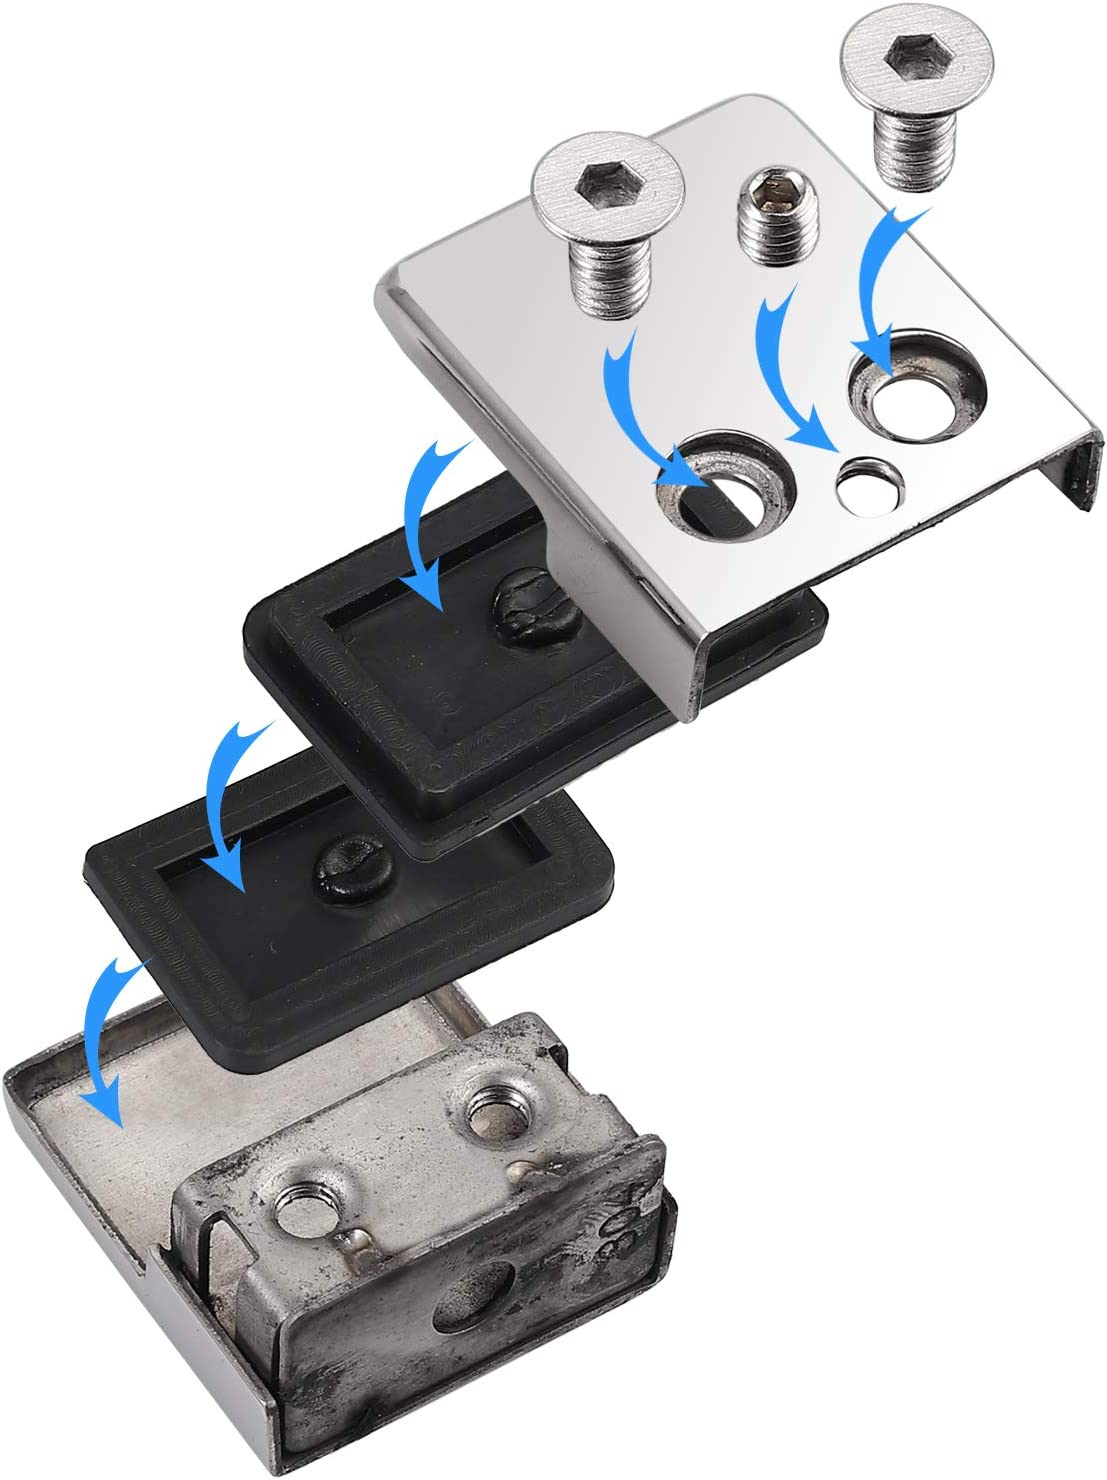 Proster HM652SAN 8 10 mm Lot de 8 colliers de serrage en acier inoxydable 304 r/églables en verre Dos plat pour rampe descalier Balustrade Argent poli